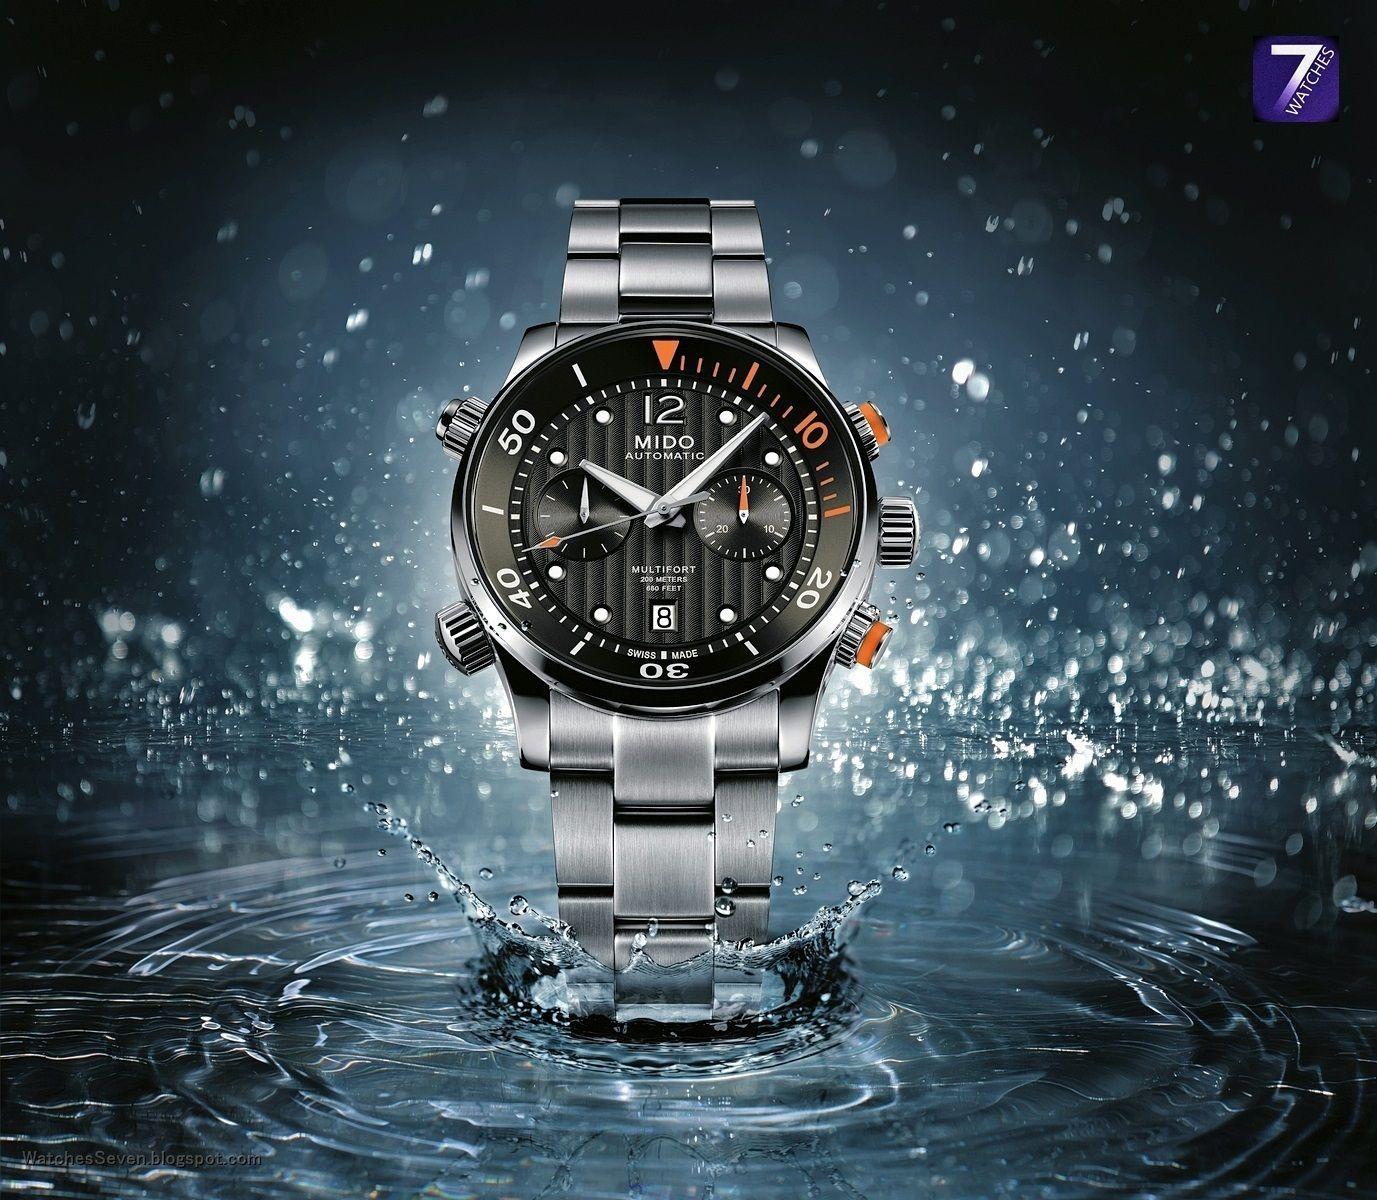 MIDO Multifort Chronograph Automatikuhr Diver - Valjoux 7753 - 44mm - 20 bar